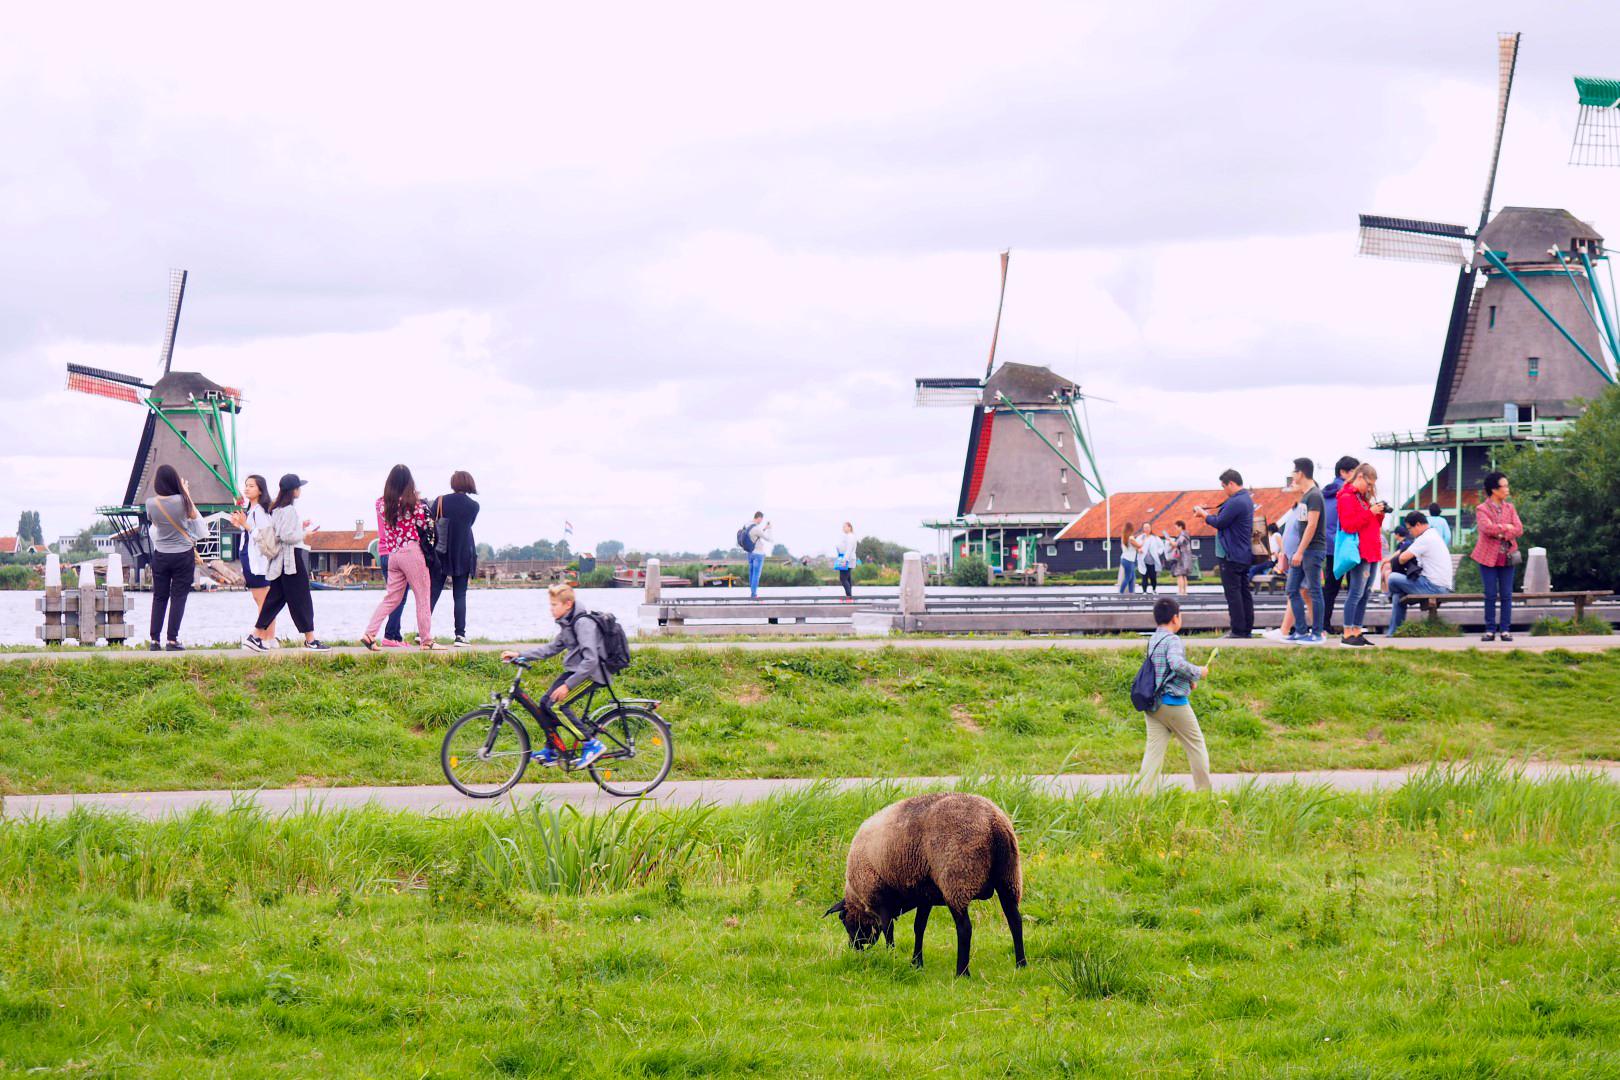 Amsterdam con Perro, Amsterdam con Mascotas amsterdam con perro - 29397498686 f2df262d50 o - Visitar Amsterdam con perro